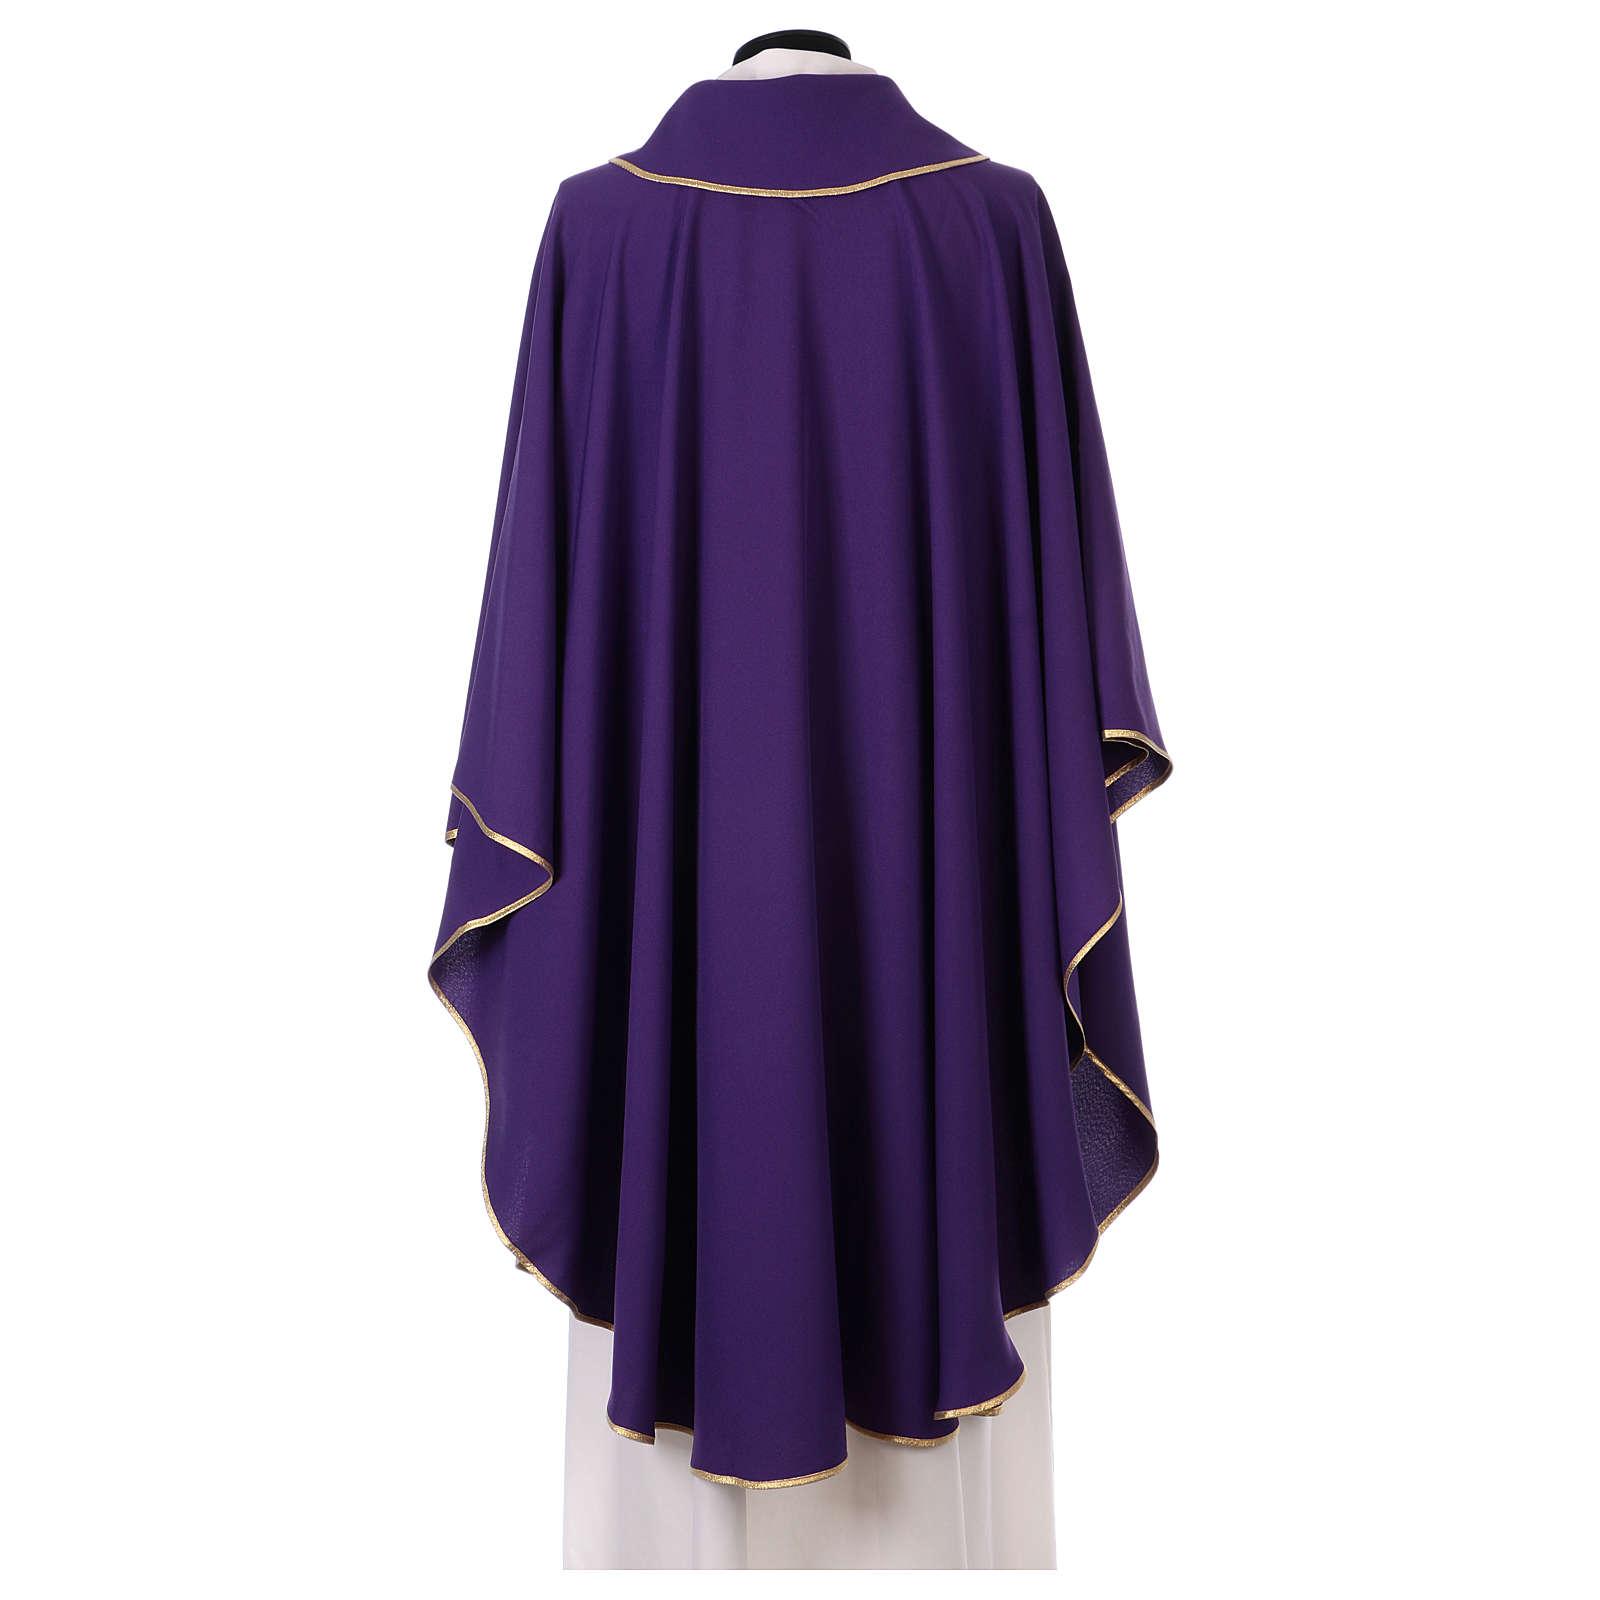 Casula stolone davanti tessuto Vatican 100% poliestere 4